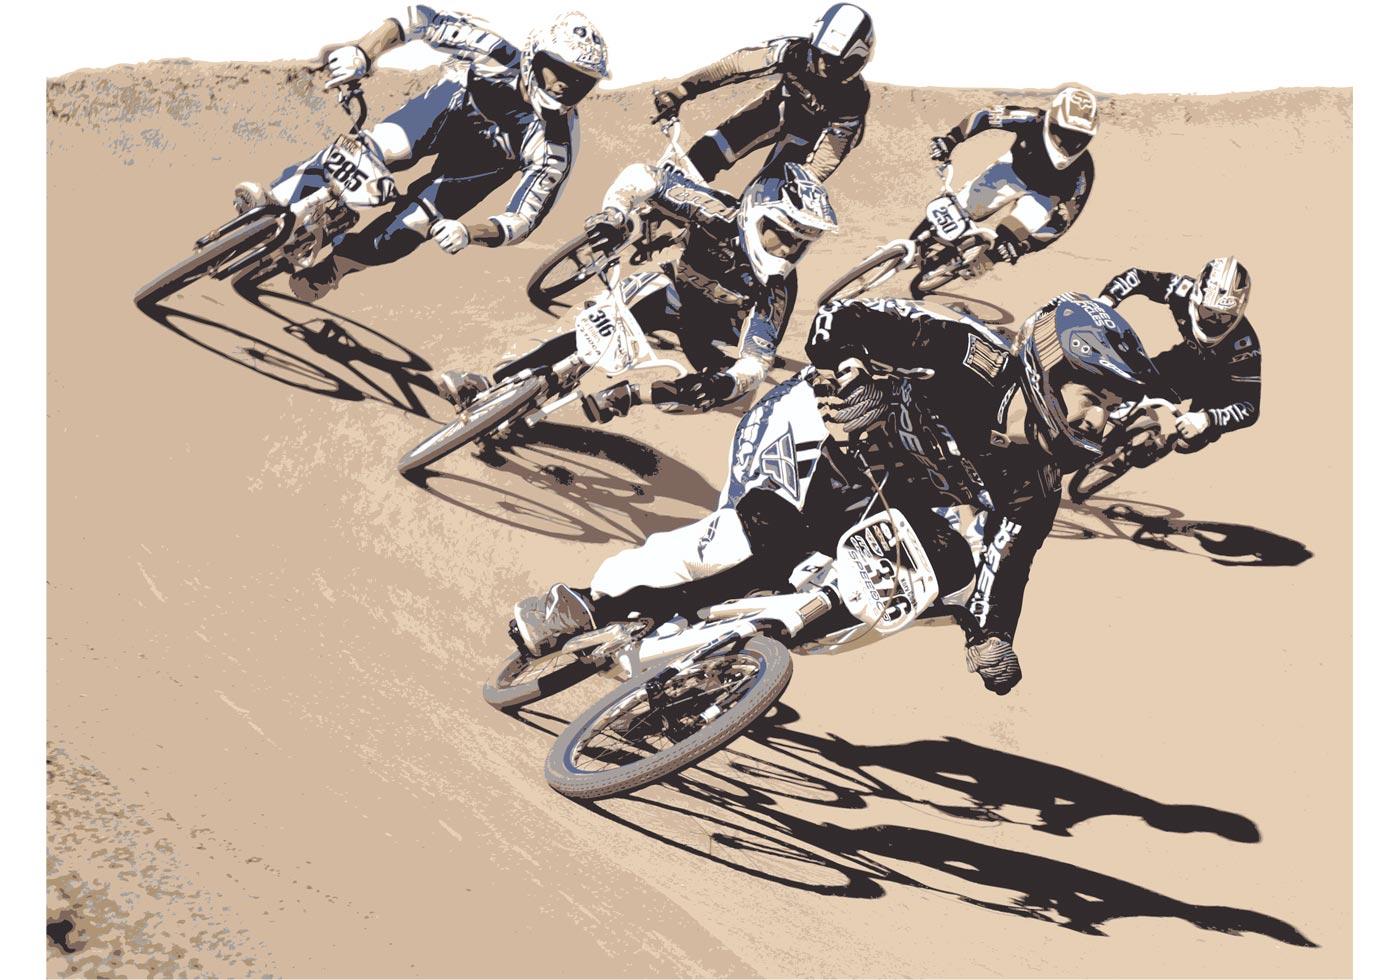 free vector biker free vector art at vecteezy